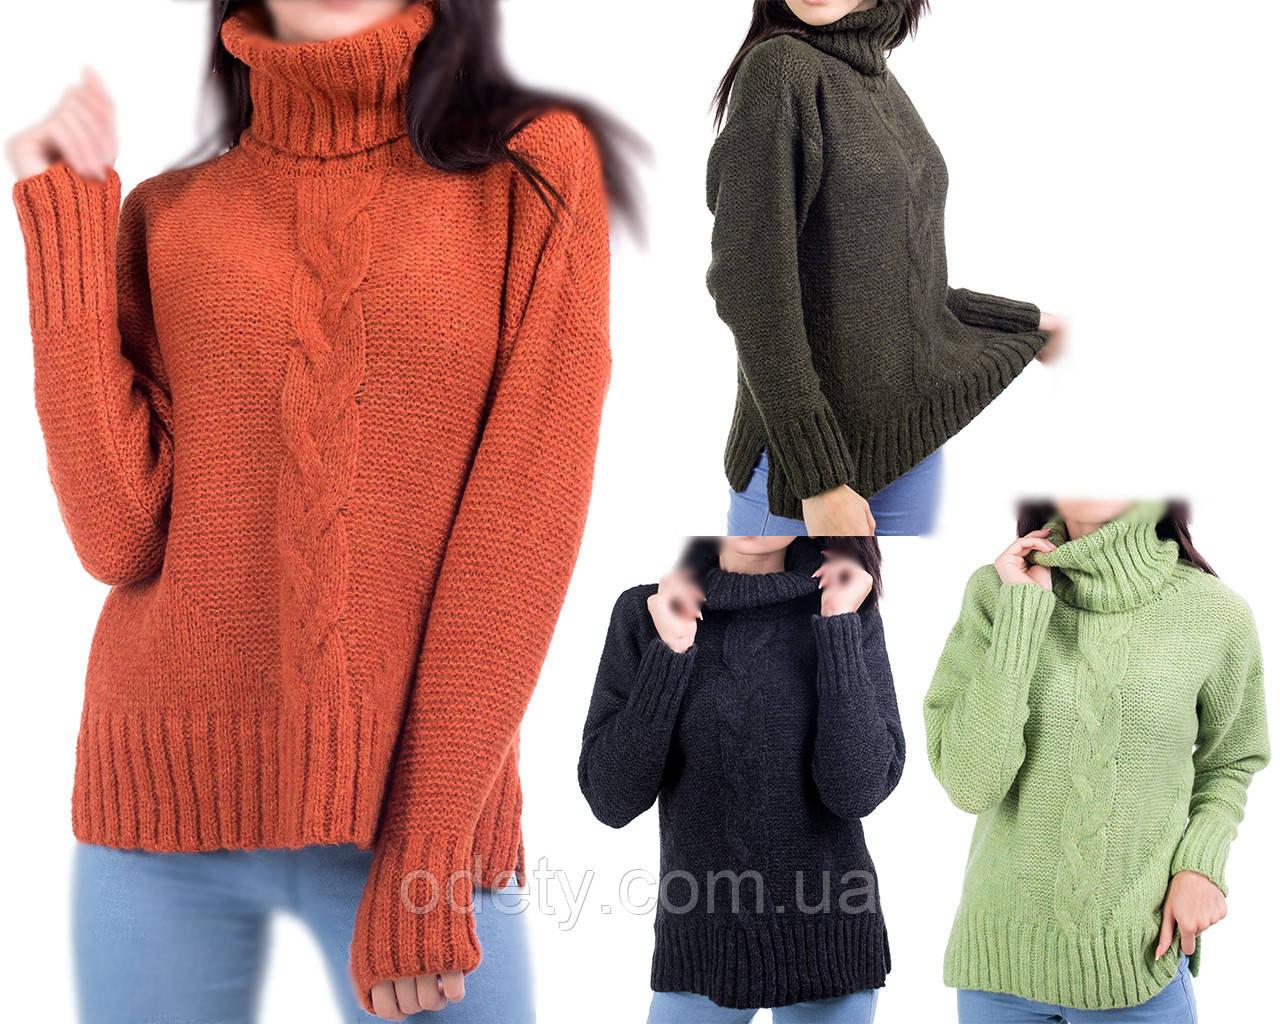 теплый свитер вязаный с воротником стойкой женский свитер